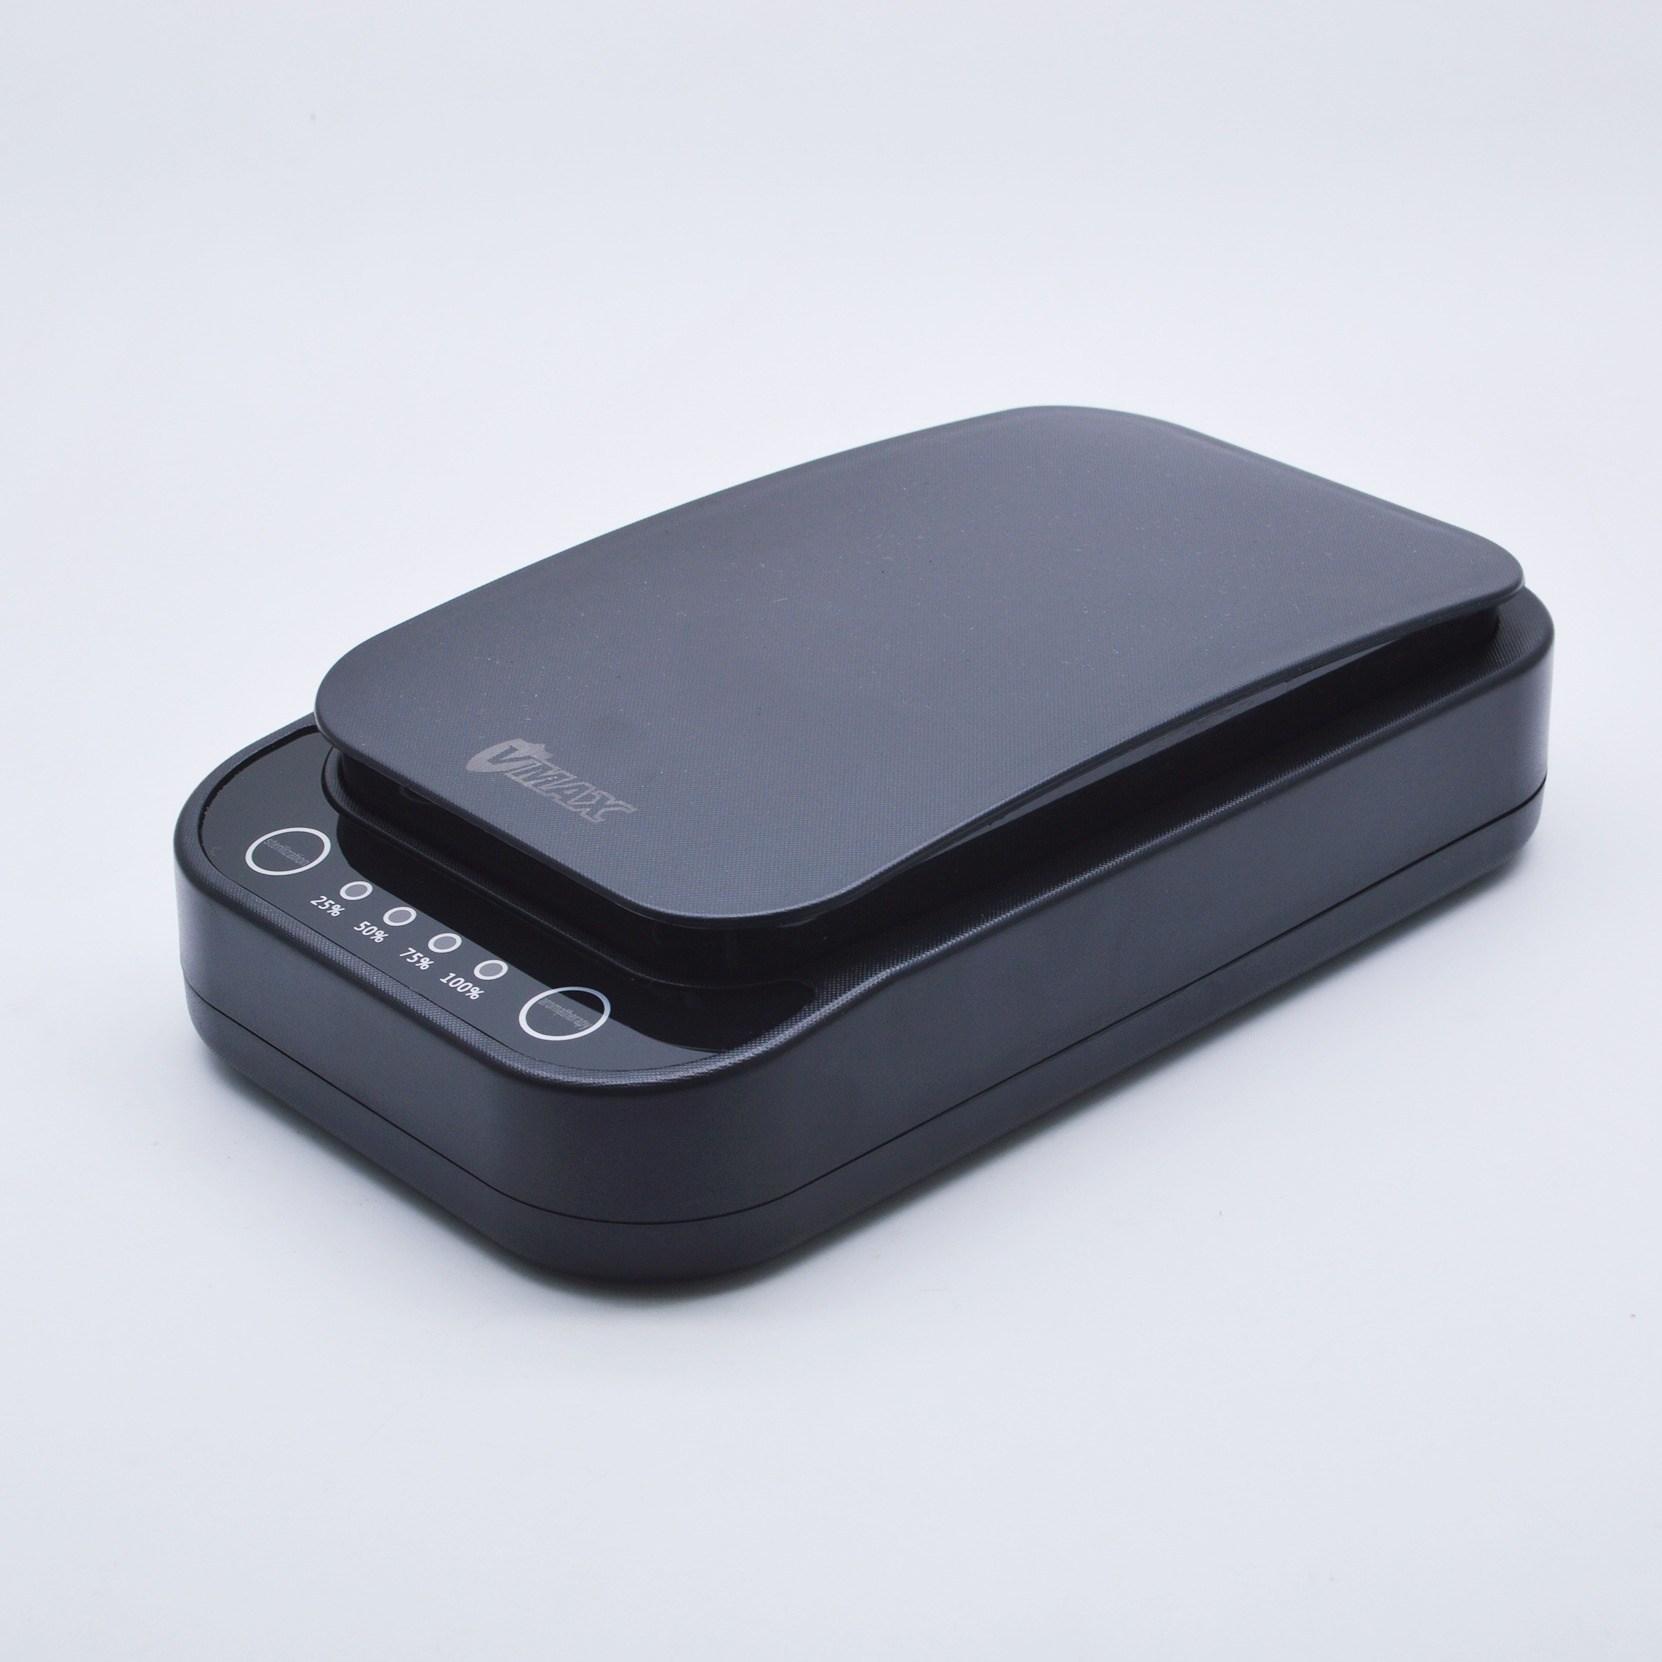 [오흐 살균박스] UV-C 스마트폰살균기 마스크살균기 무선충전 아로마테라피 가능, 1개, 블랙